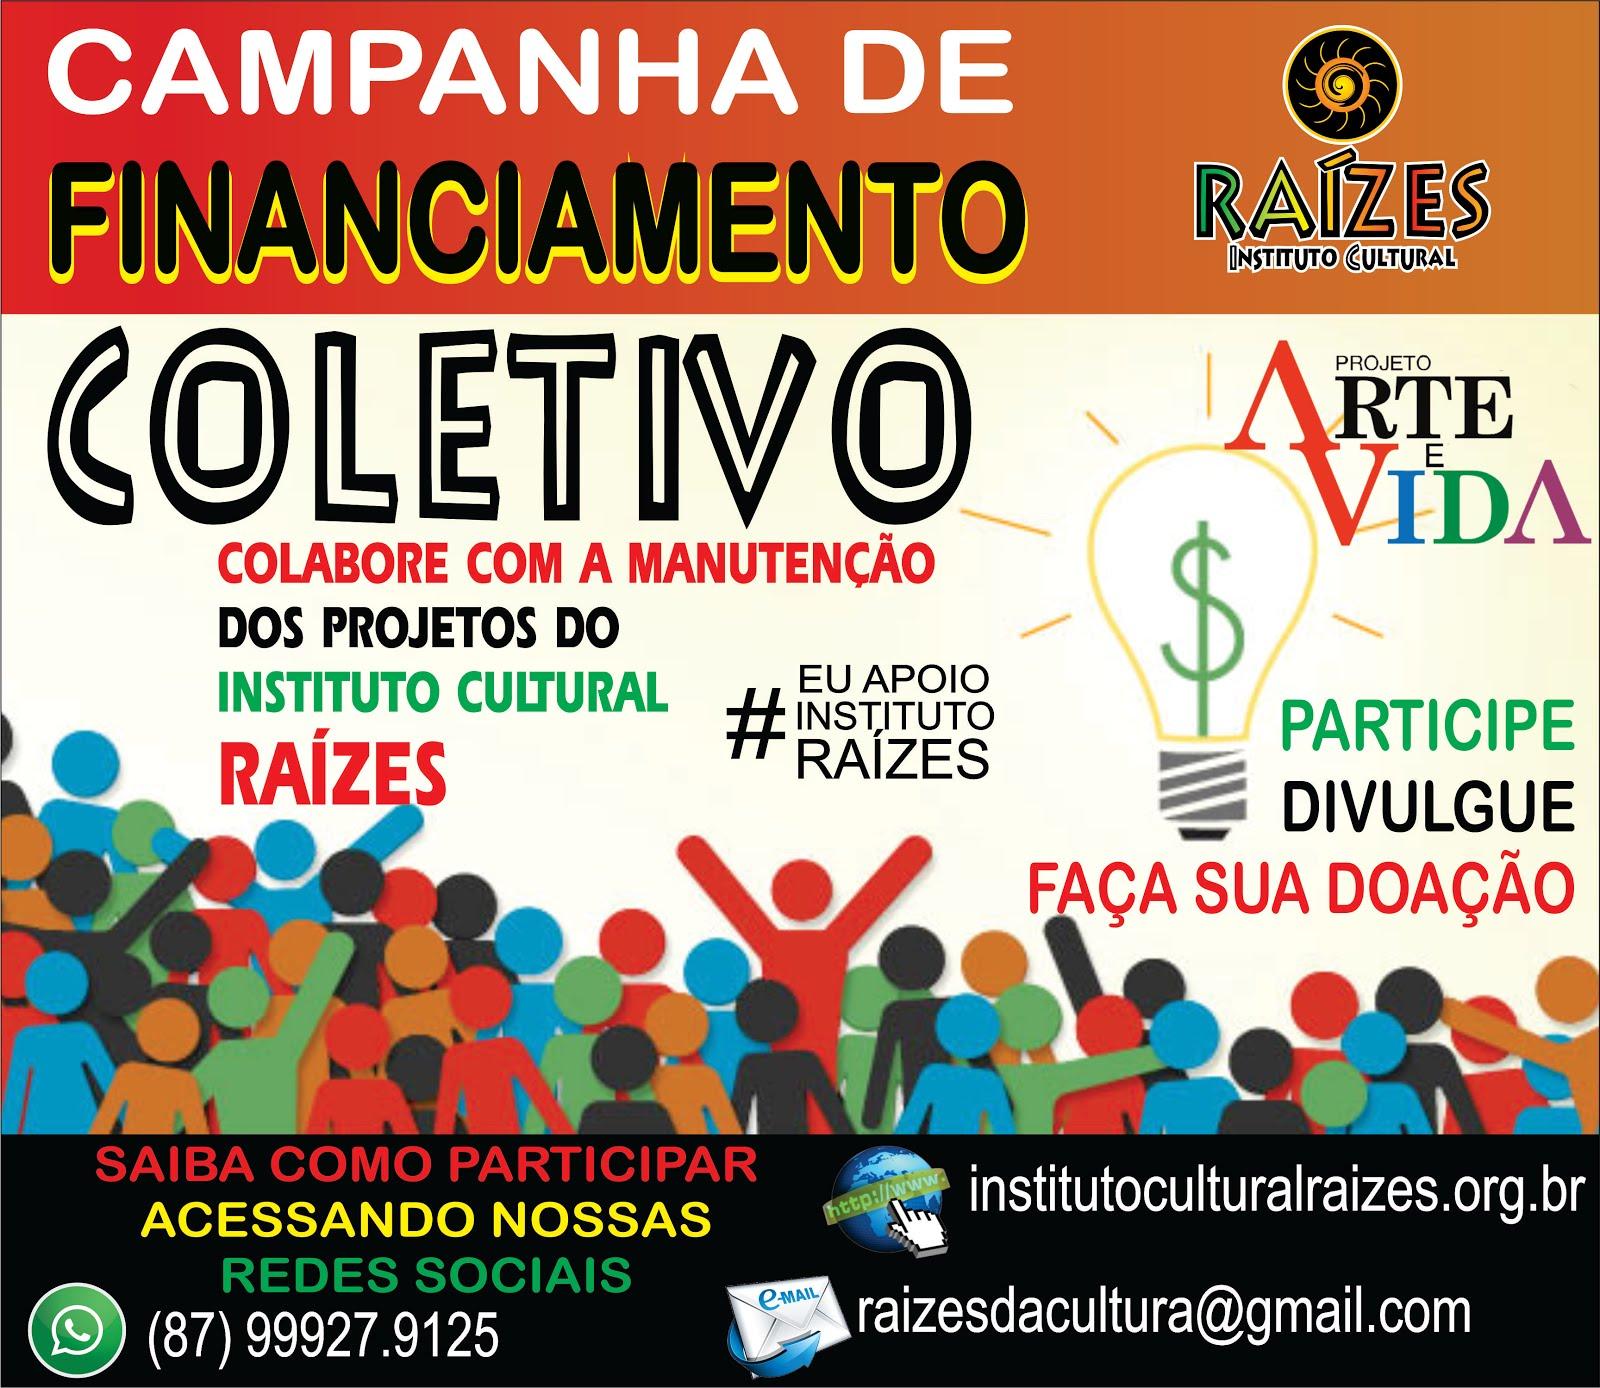 CAMPANHA DE FINANCIAMENTO COLETIVO